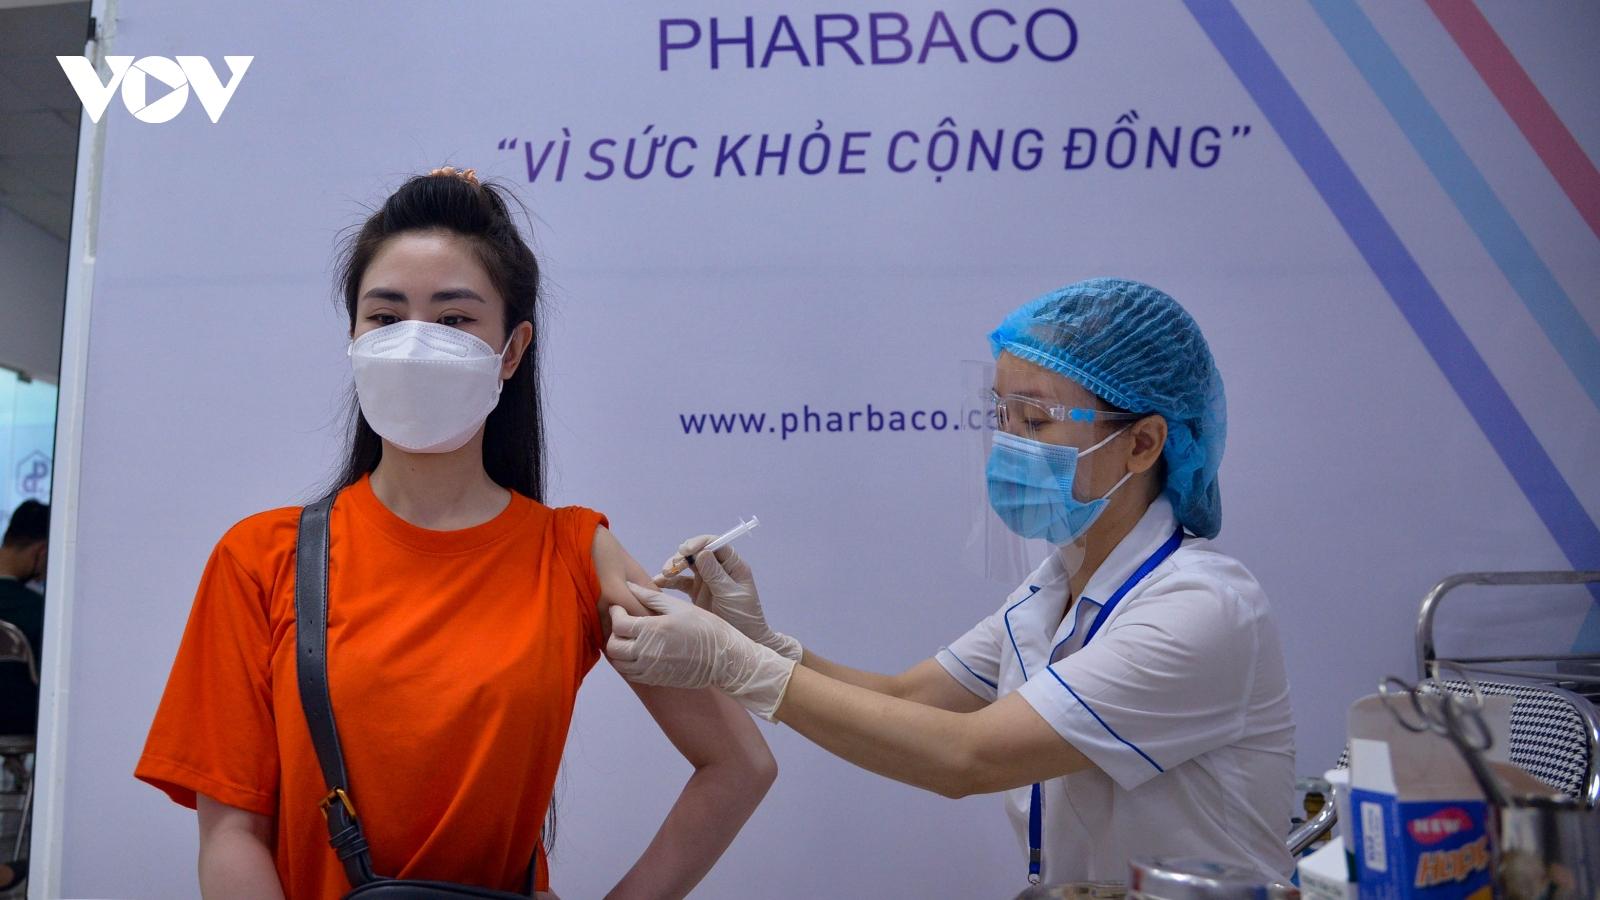 Hà Nội đảm bảo tiêm vaccine COVID-19 đúng tiến độ và an toàn xuống từng quận, huyện